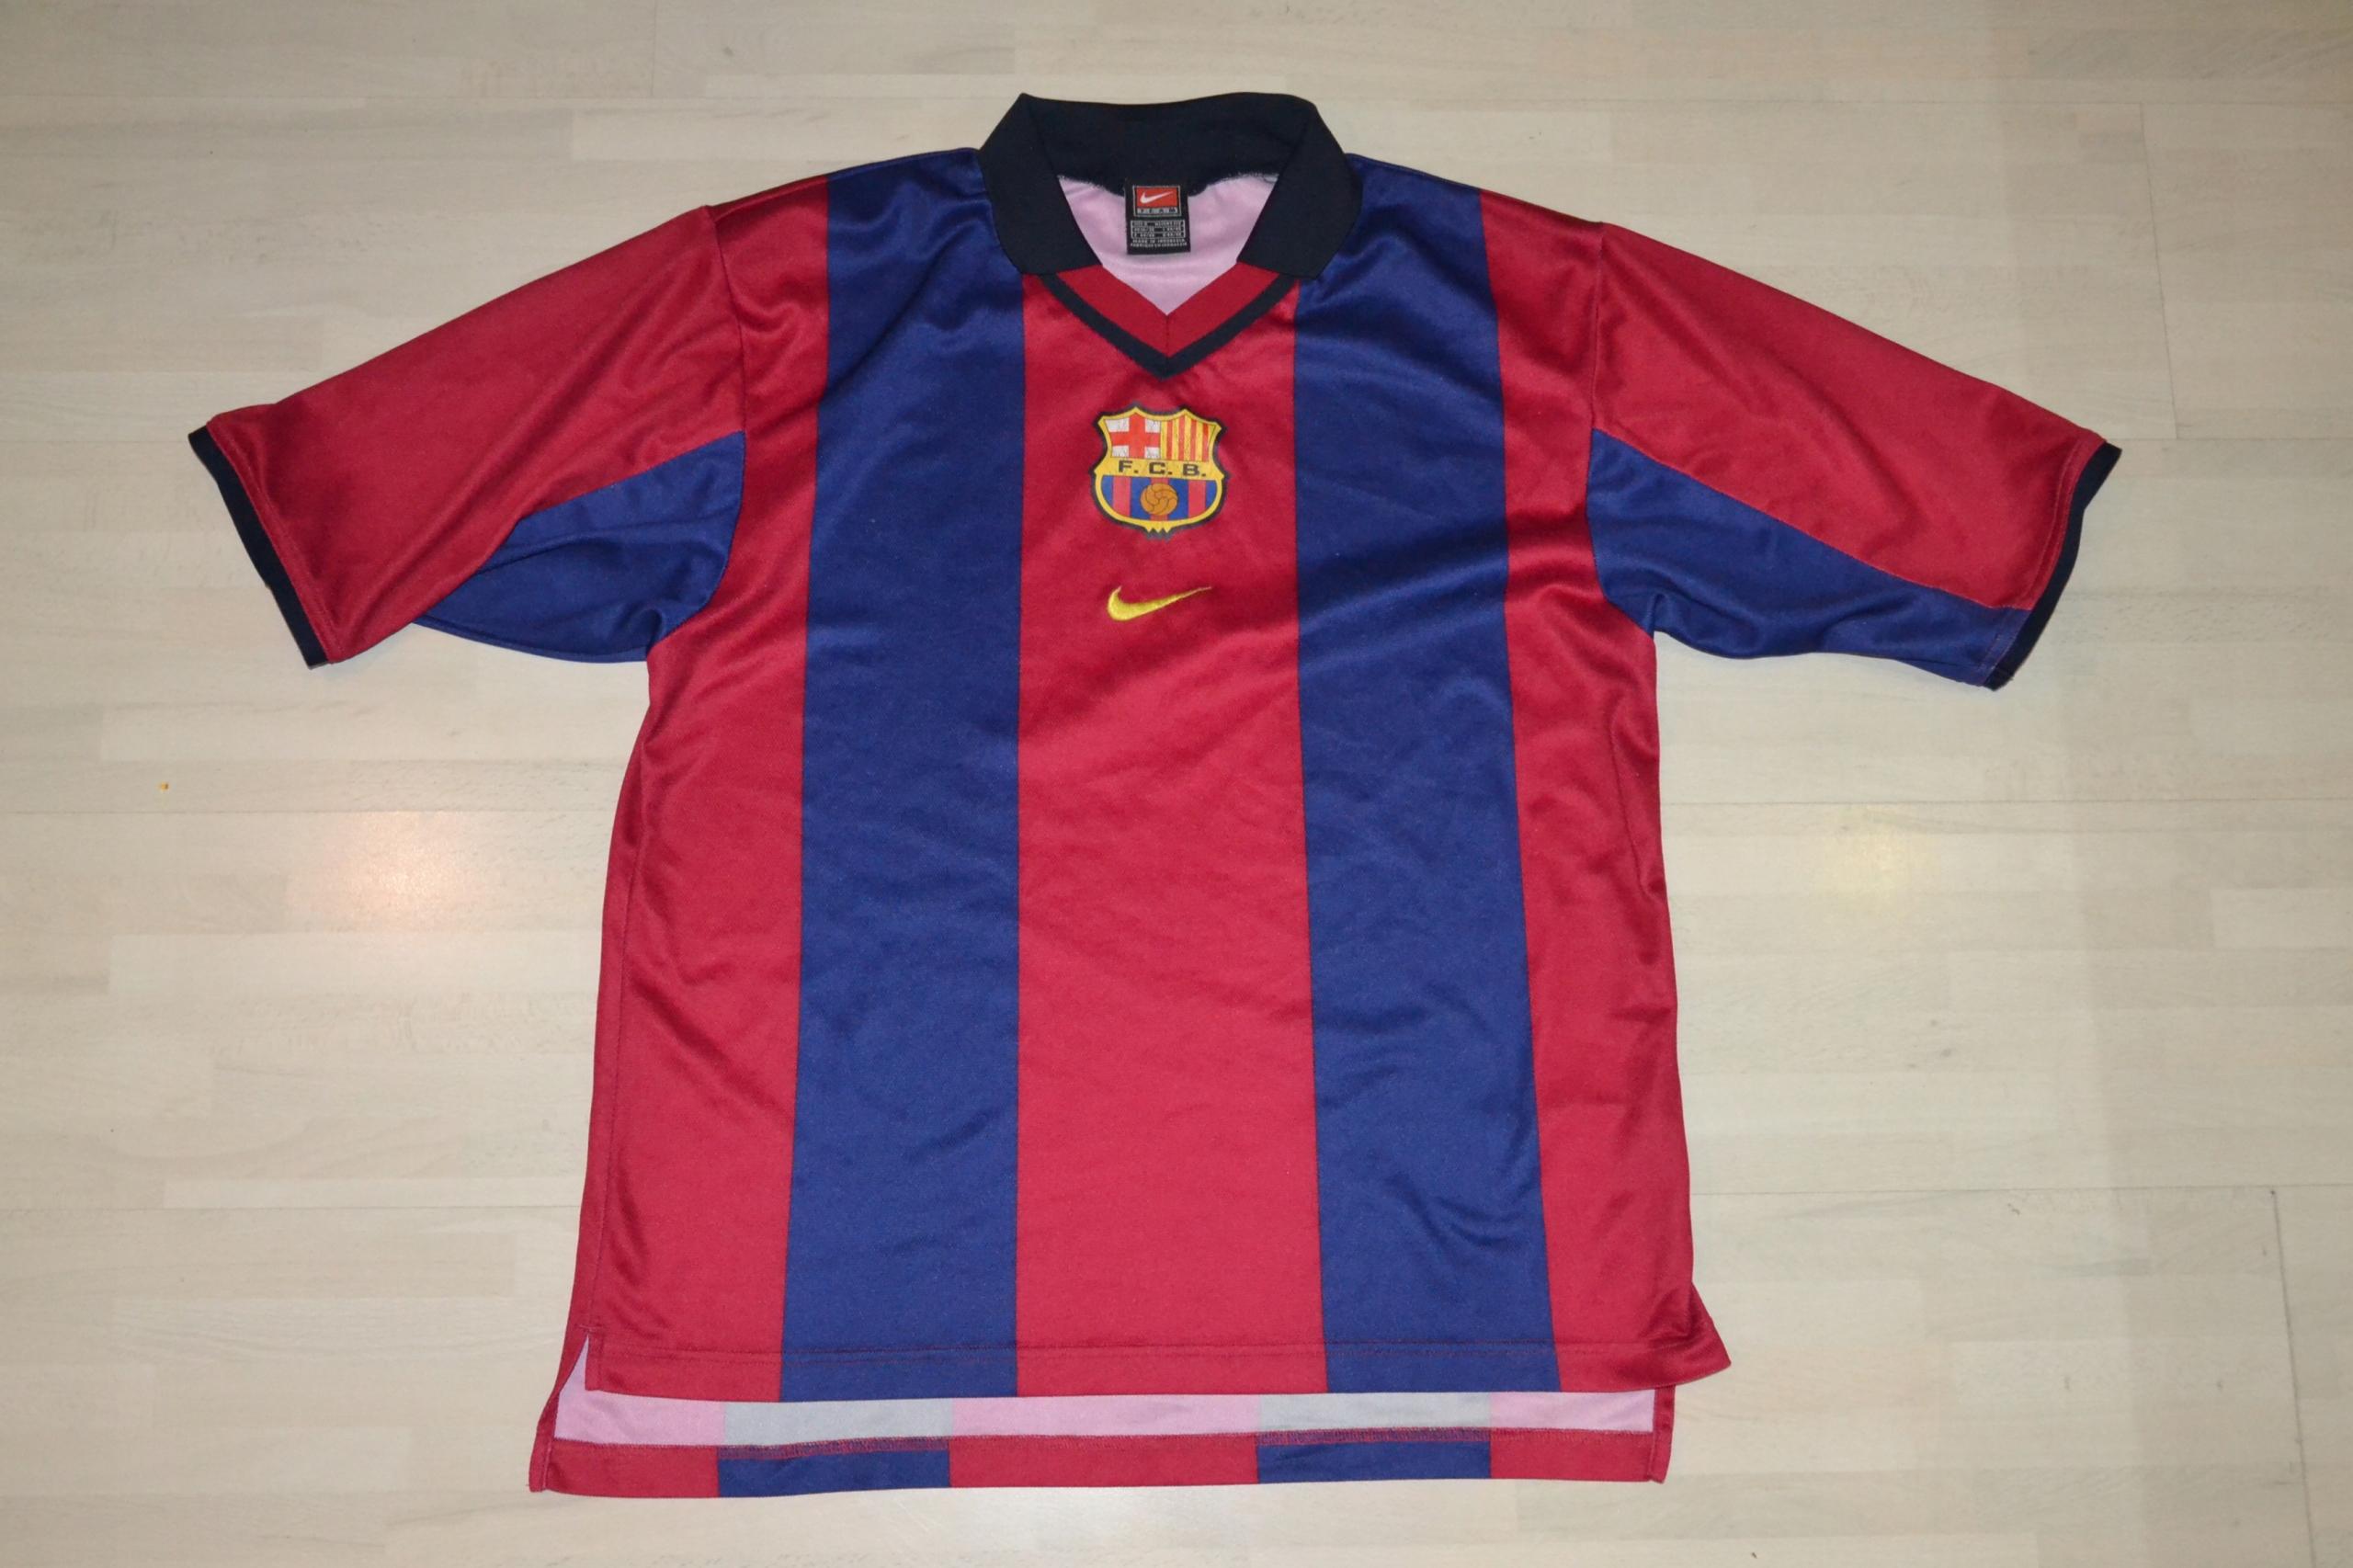 7ada1aaee VINTAGE NIKE FC BARCELONA KOSZULKA S 173 - 7656217698 - oficjalne ...